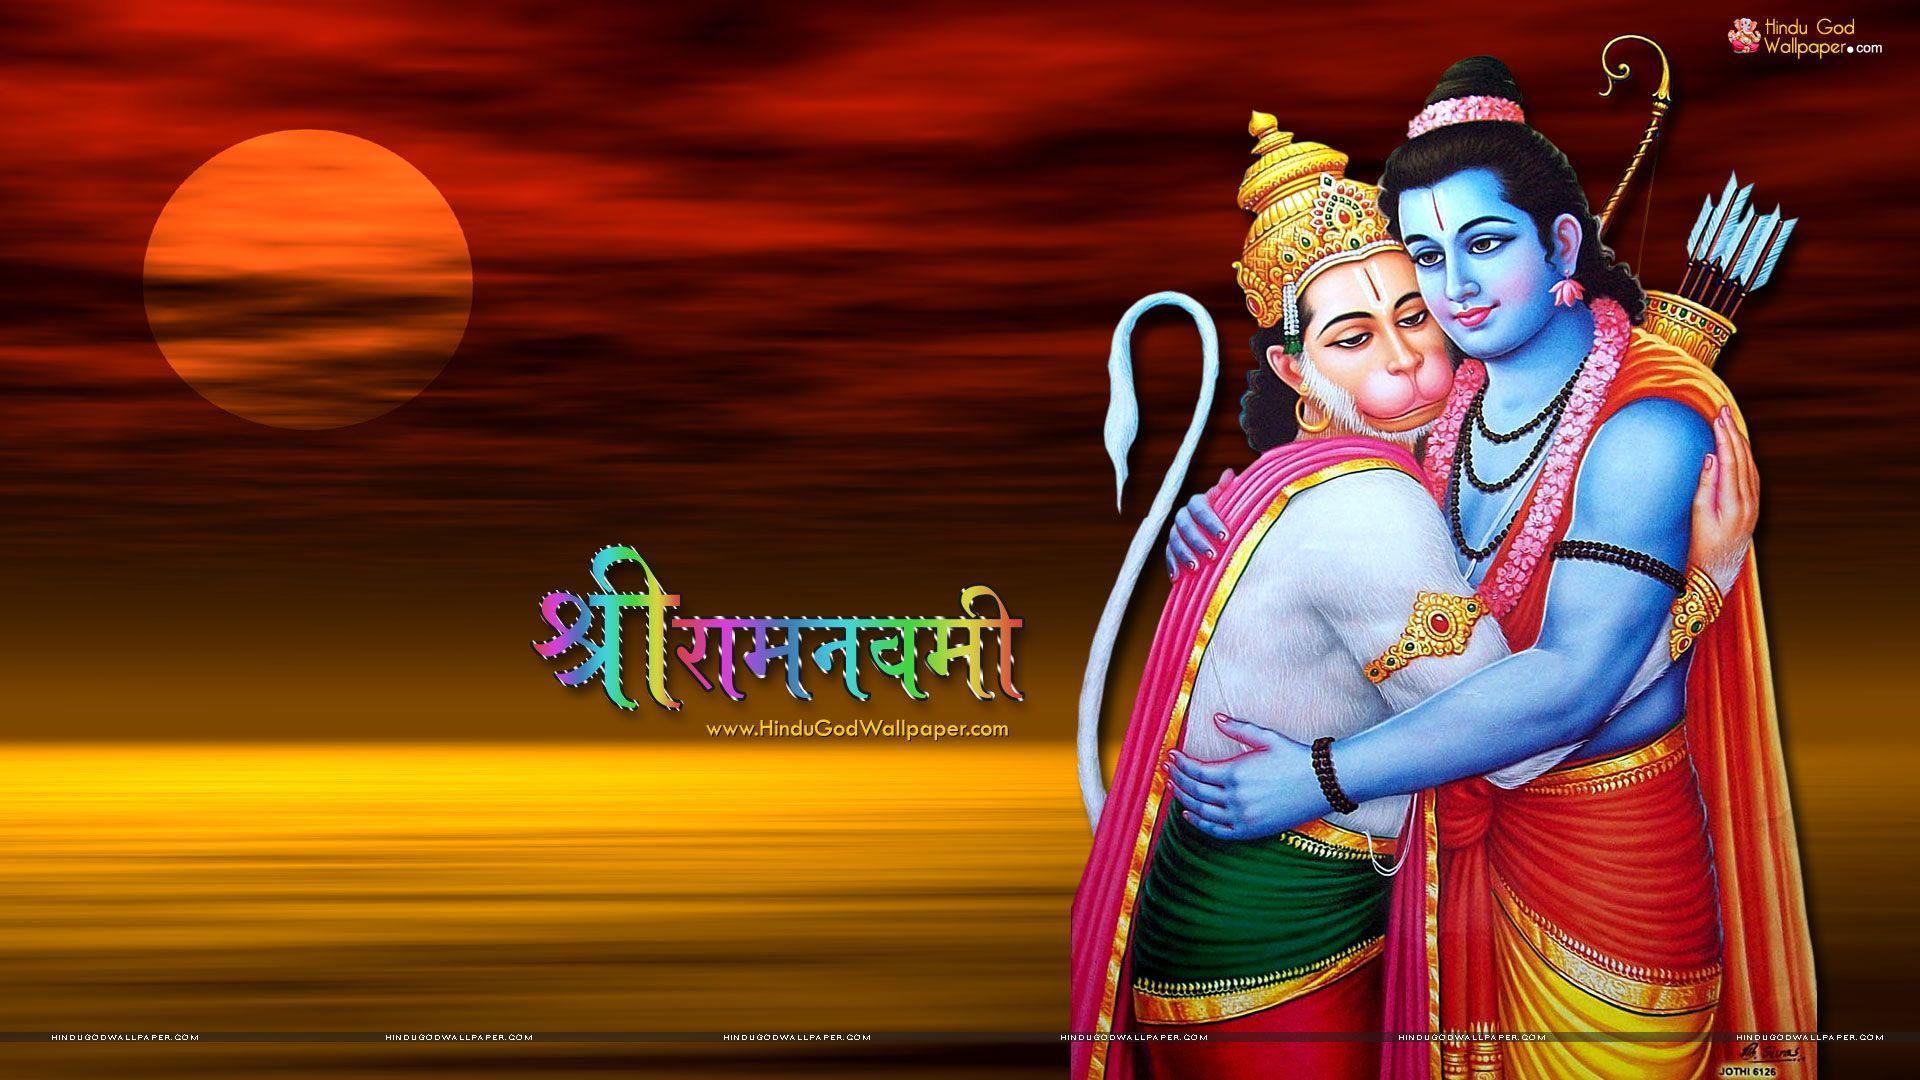 Hd wallpaper jai shri ram - Ram Navami Hd Wallpapers Free Download